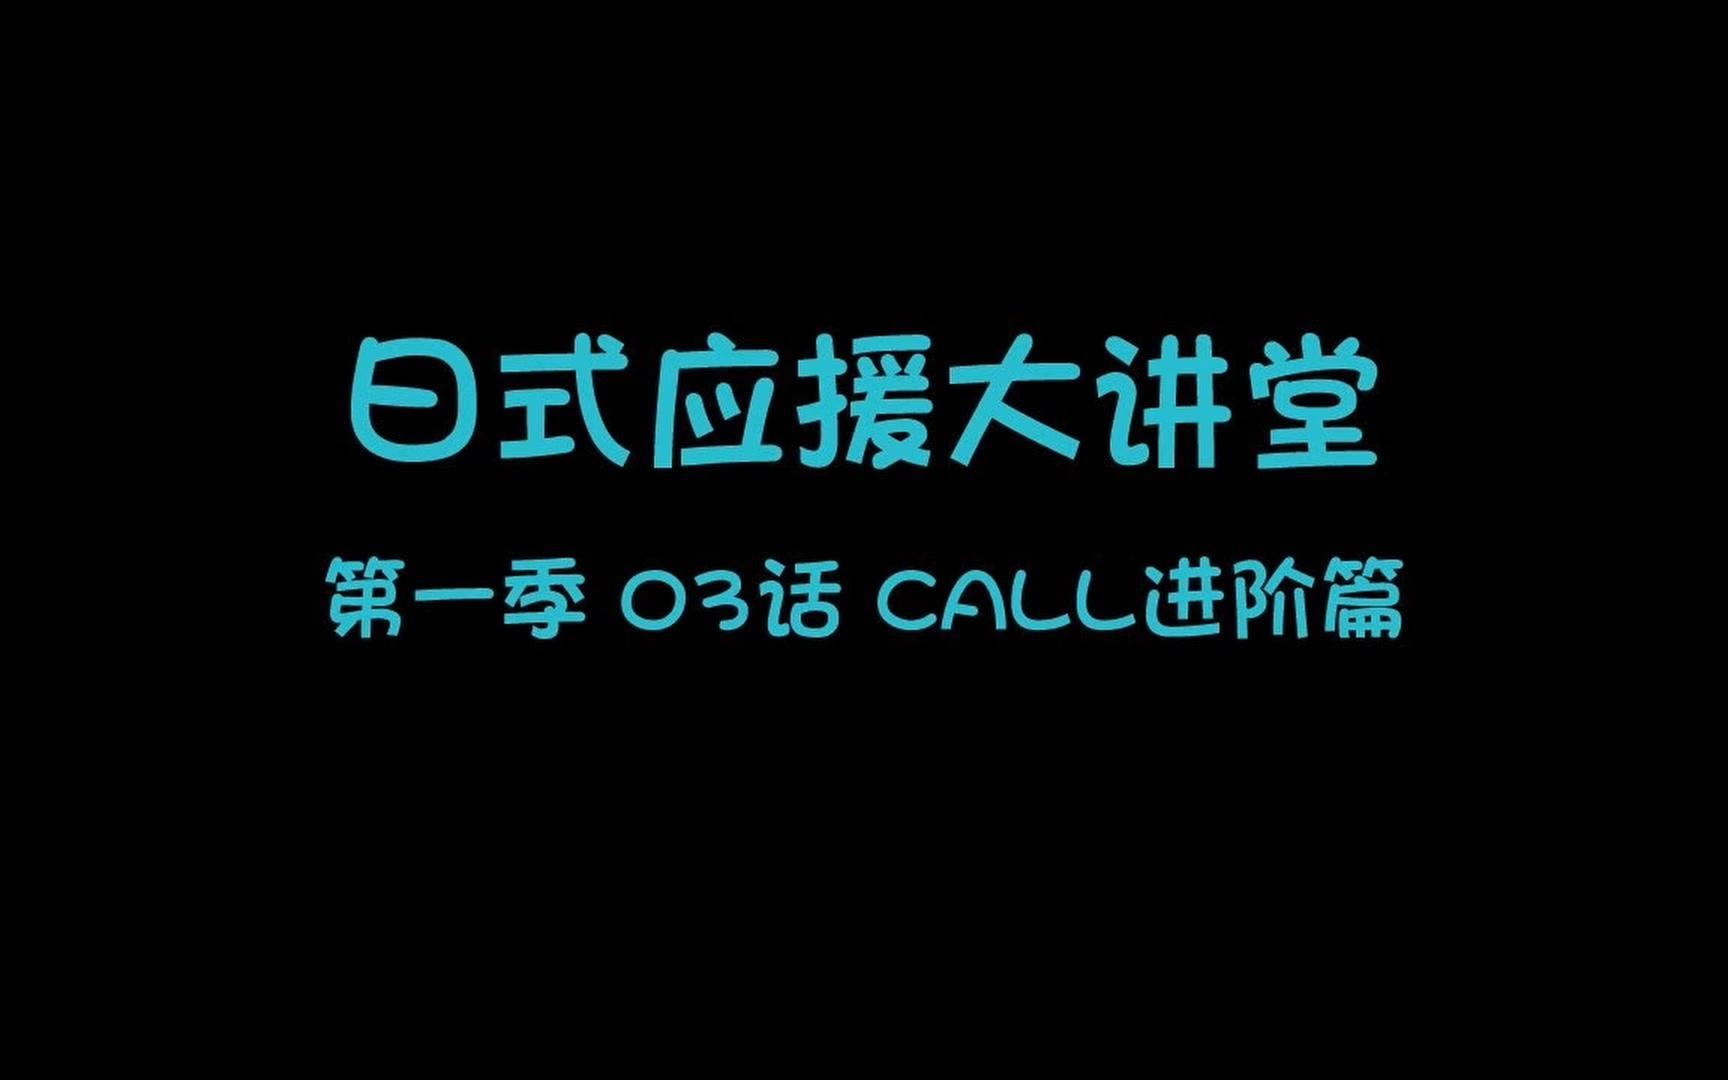 【日式应援大讲堂】第一季03 话 CALL进阶篇【H.Mos】【授权发布】